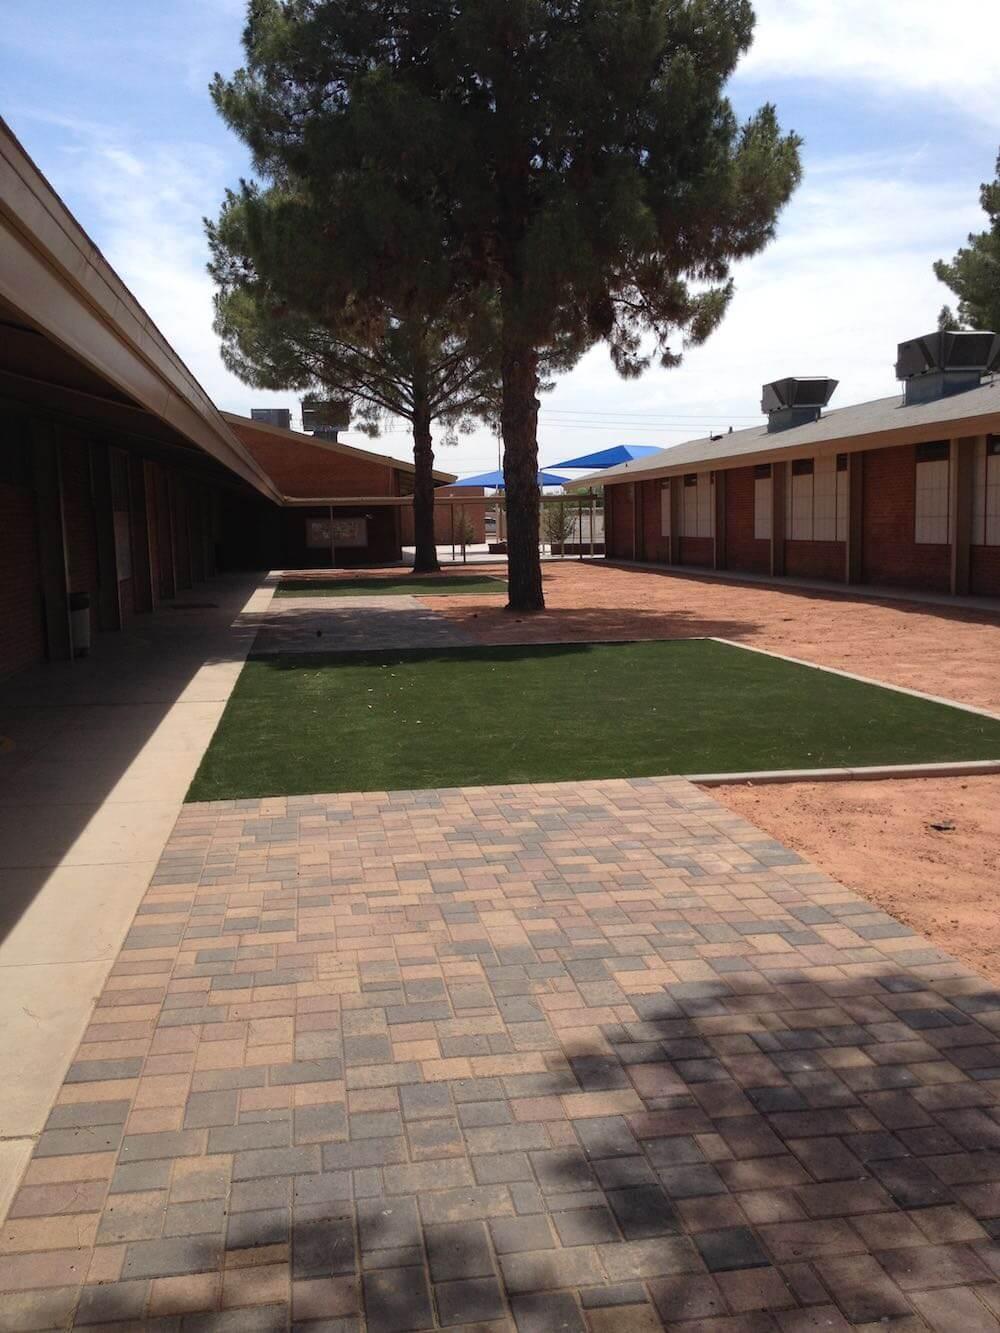 Commercial Landscape Schools